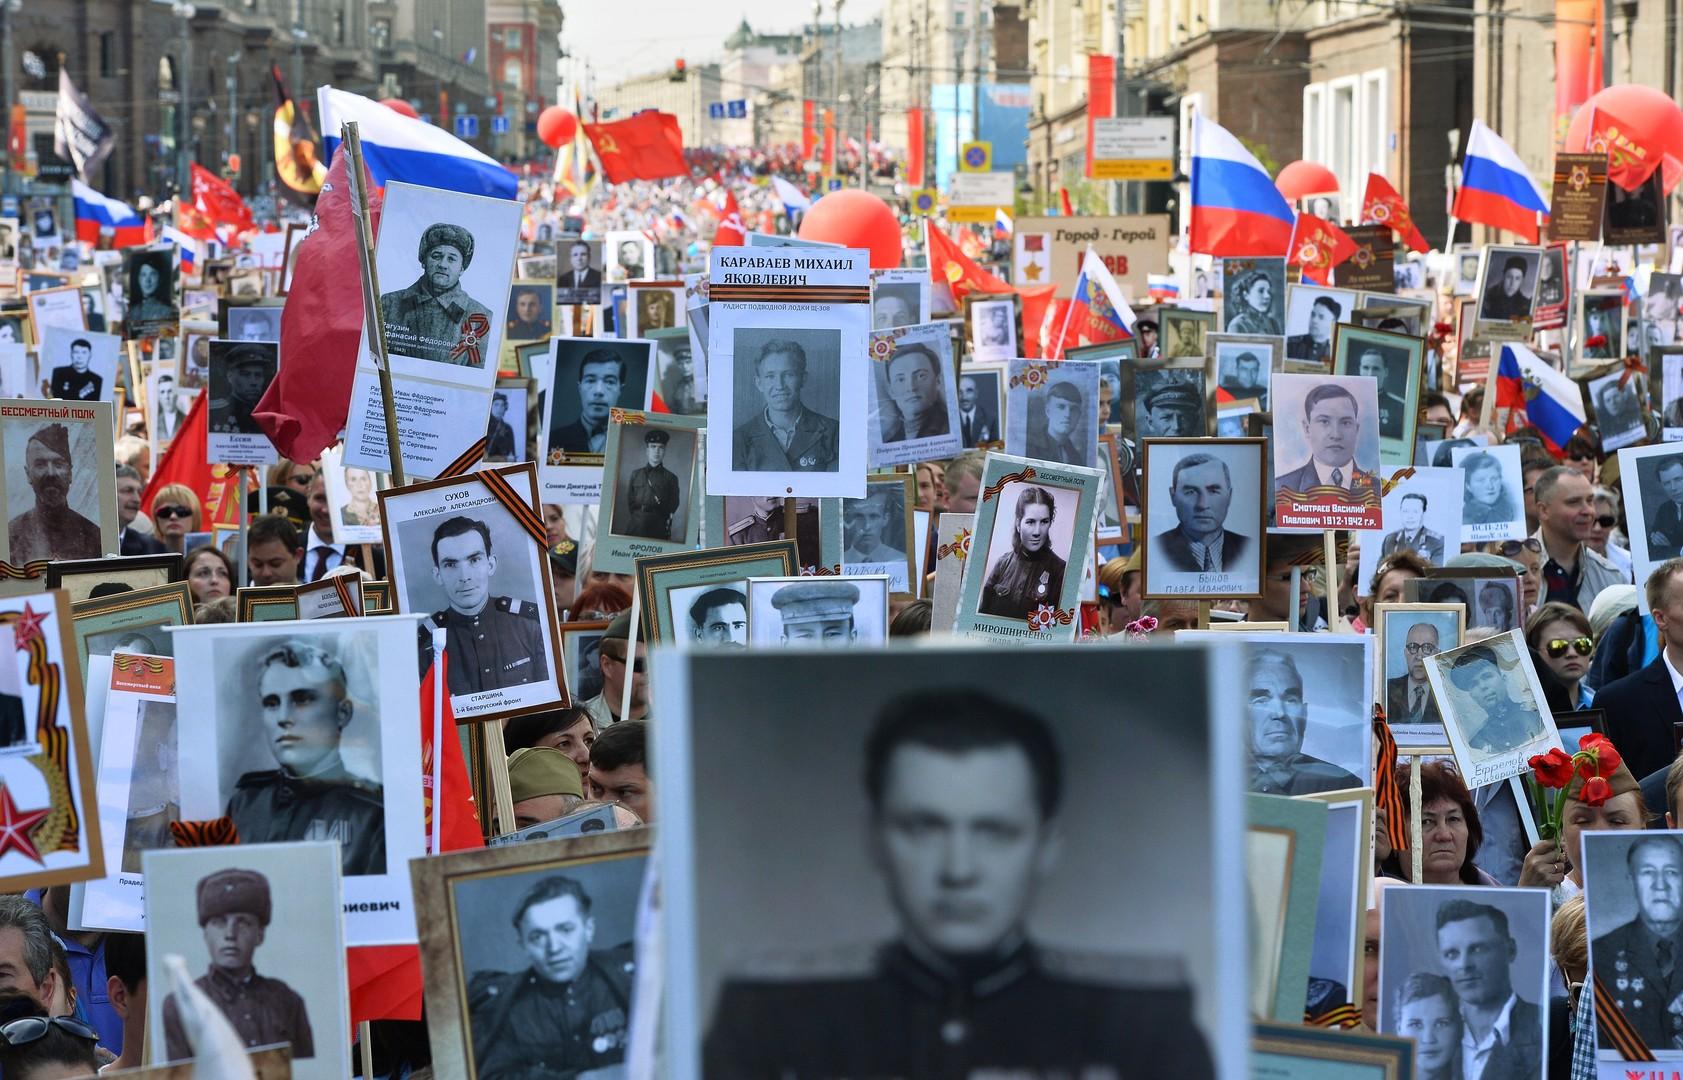 Бессмертный полк мира: памятная акция пройдёт в 39 странах